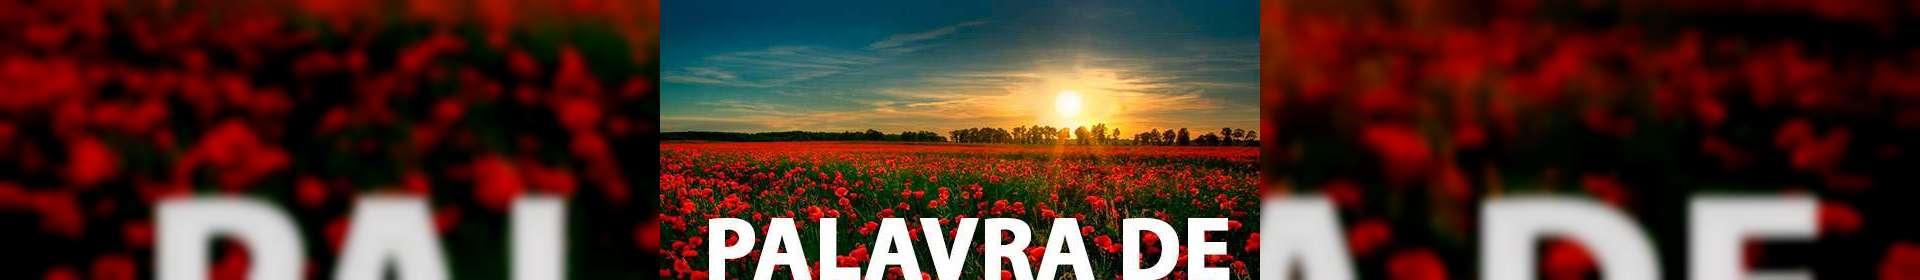 Salmos 106:1 - Uma Palavra de Esperança para sua vida